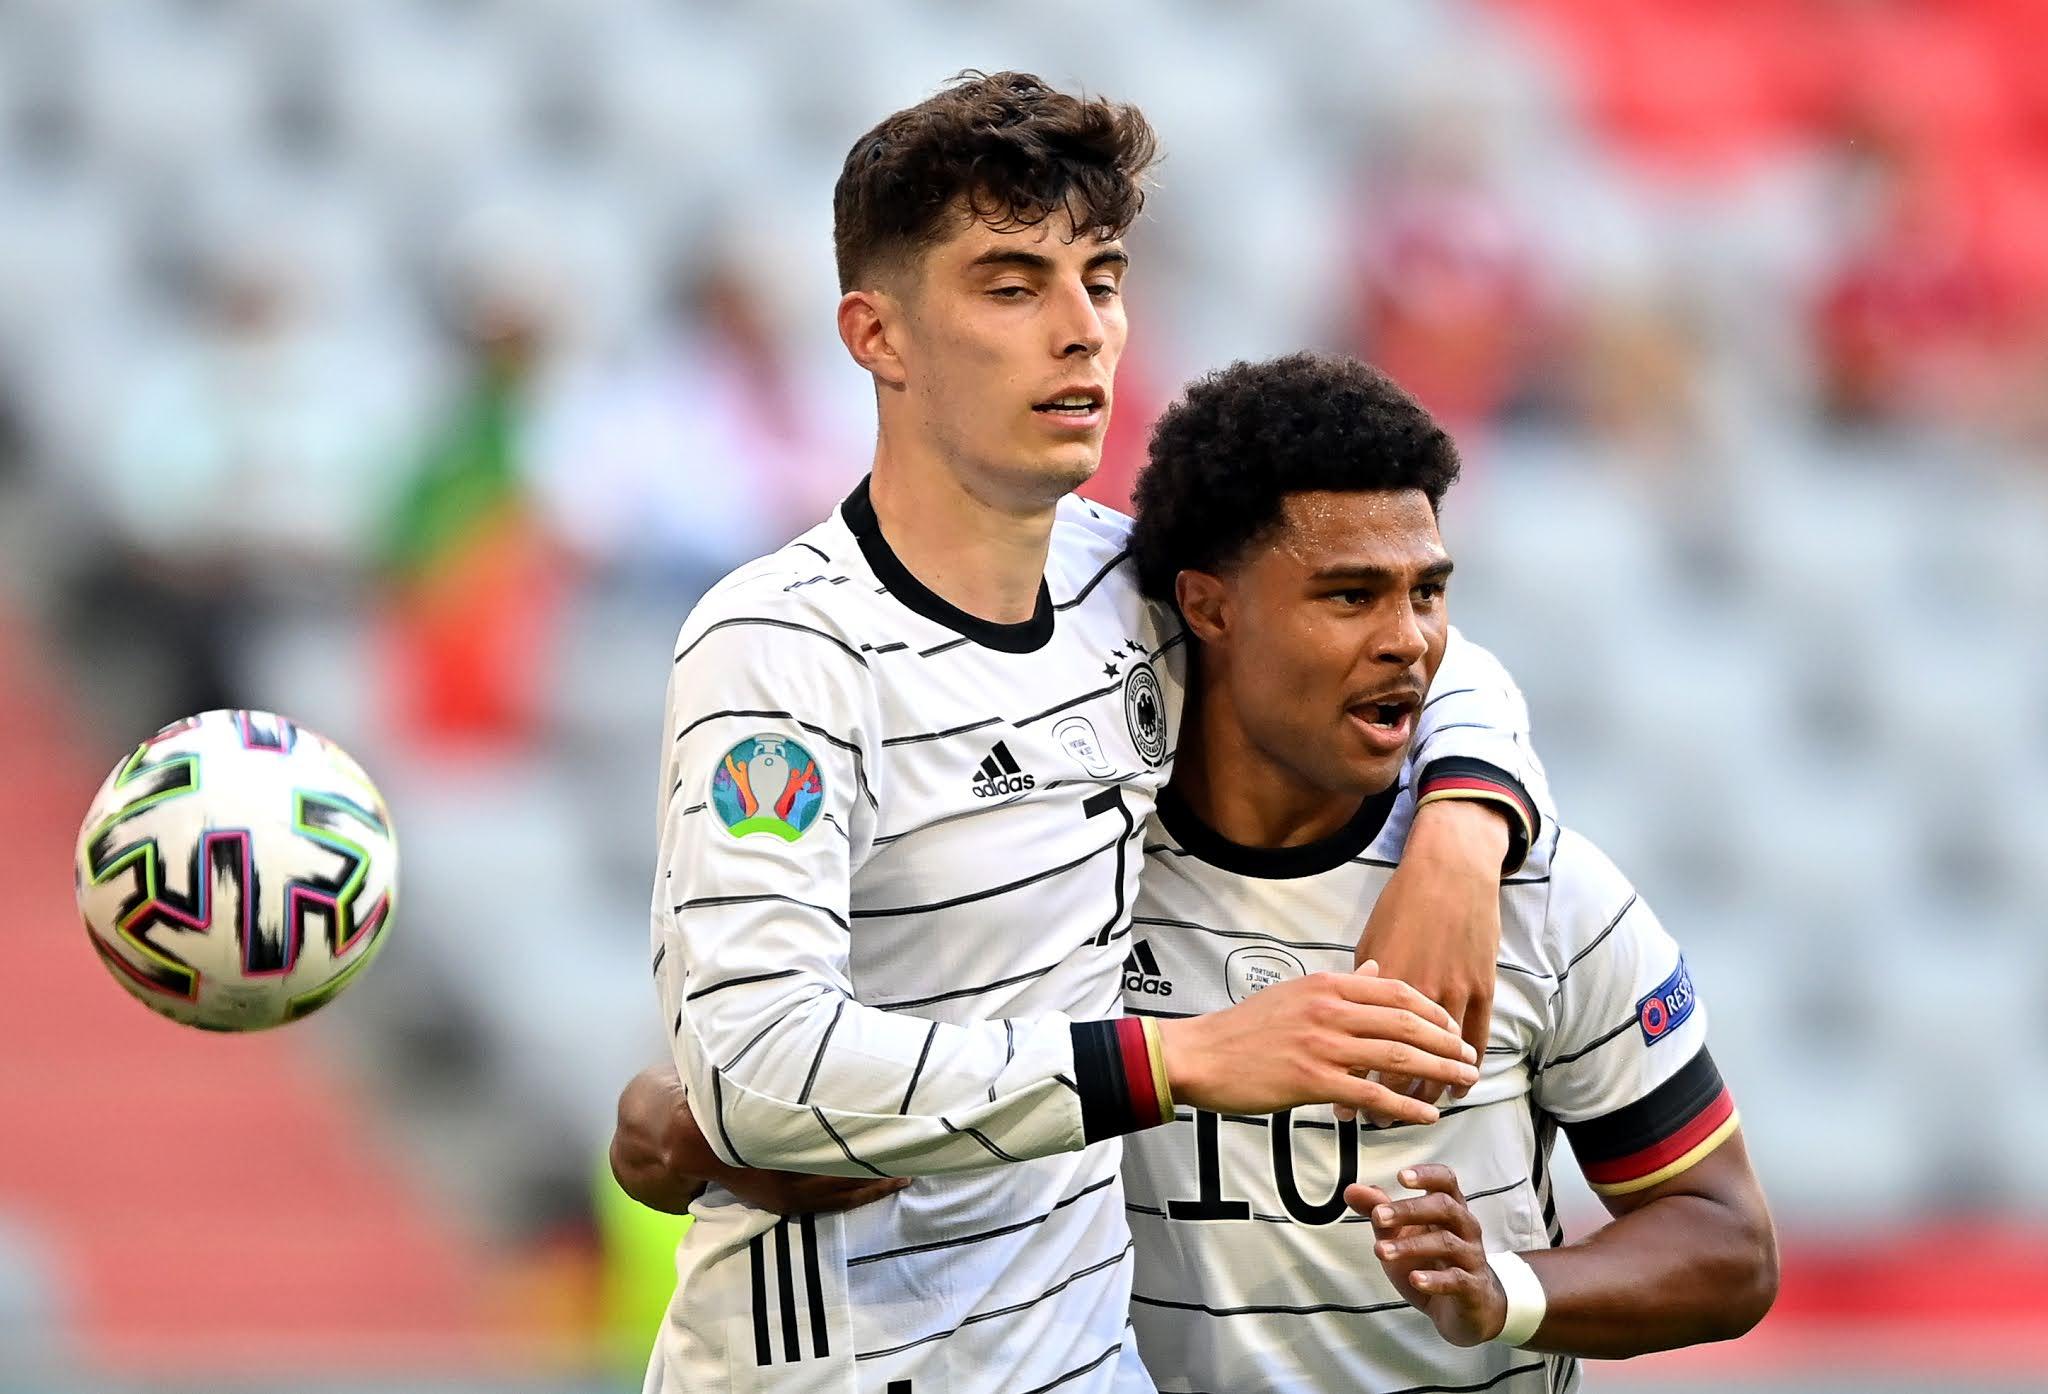 Germany forwards Kai Havertz and Serge Gnabry